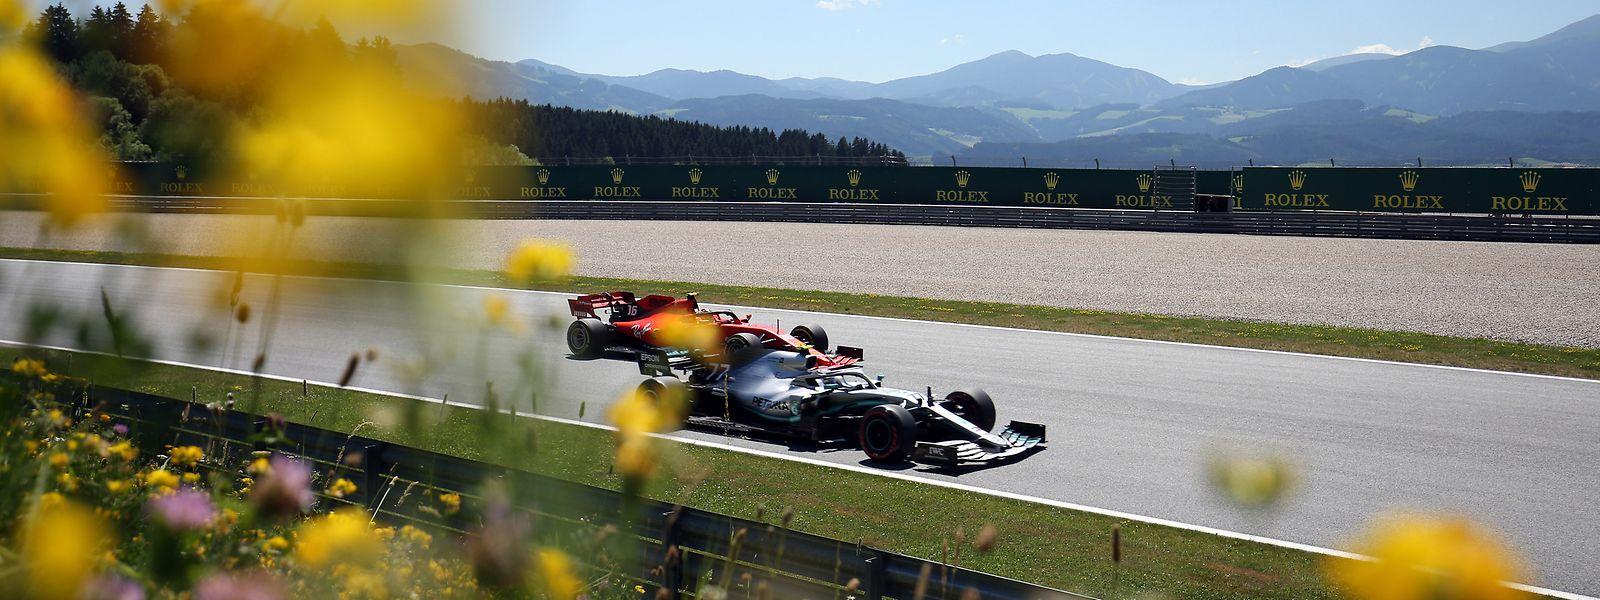 In Österreich sollen gleich zwei Rennen stattfinden.